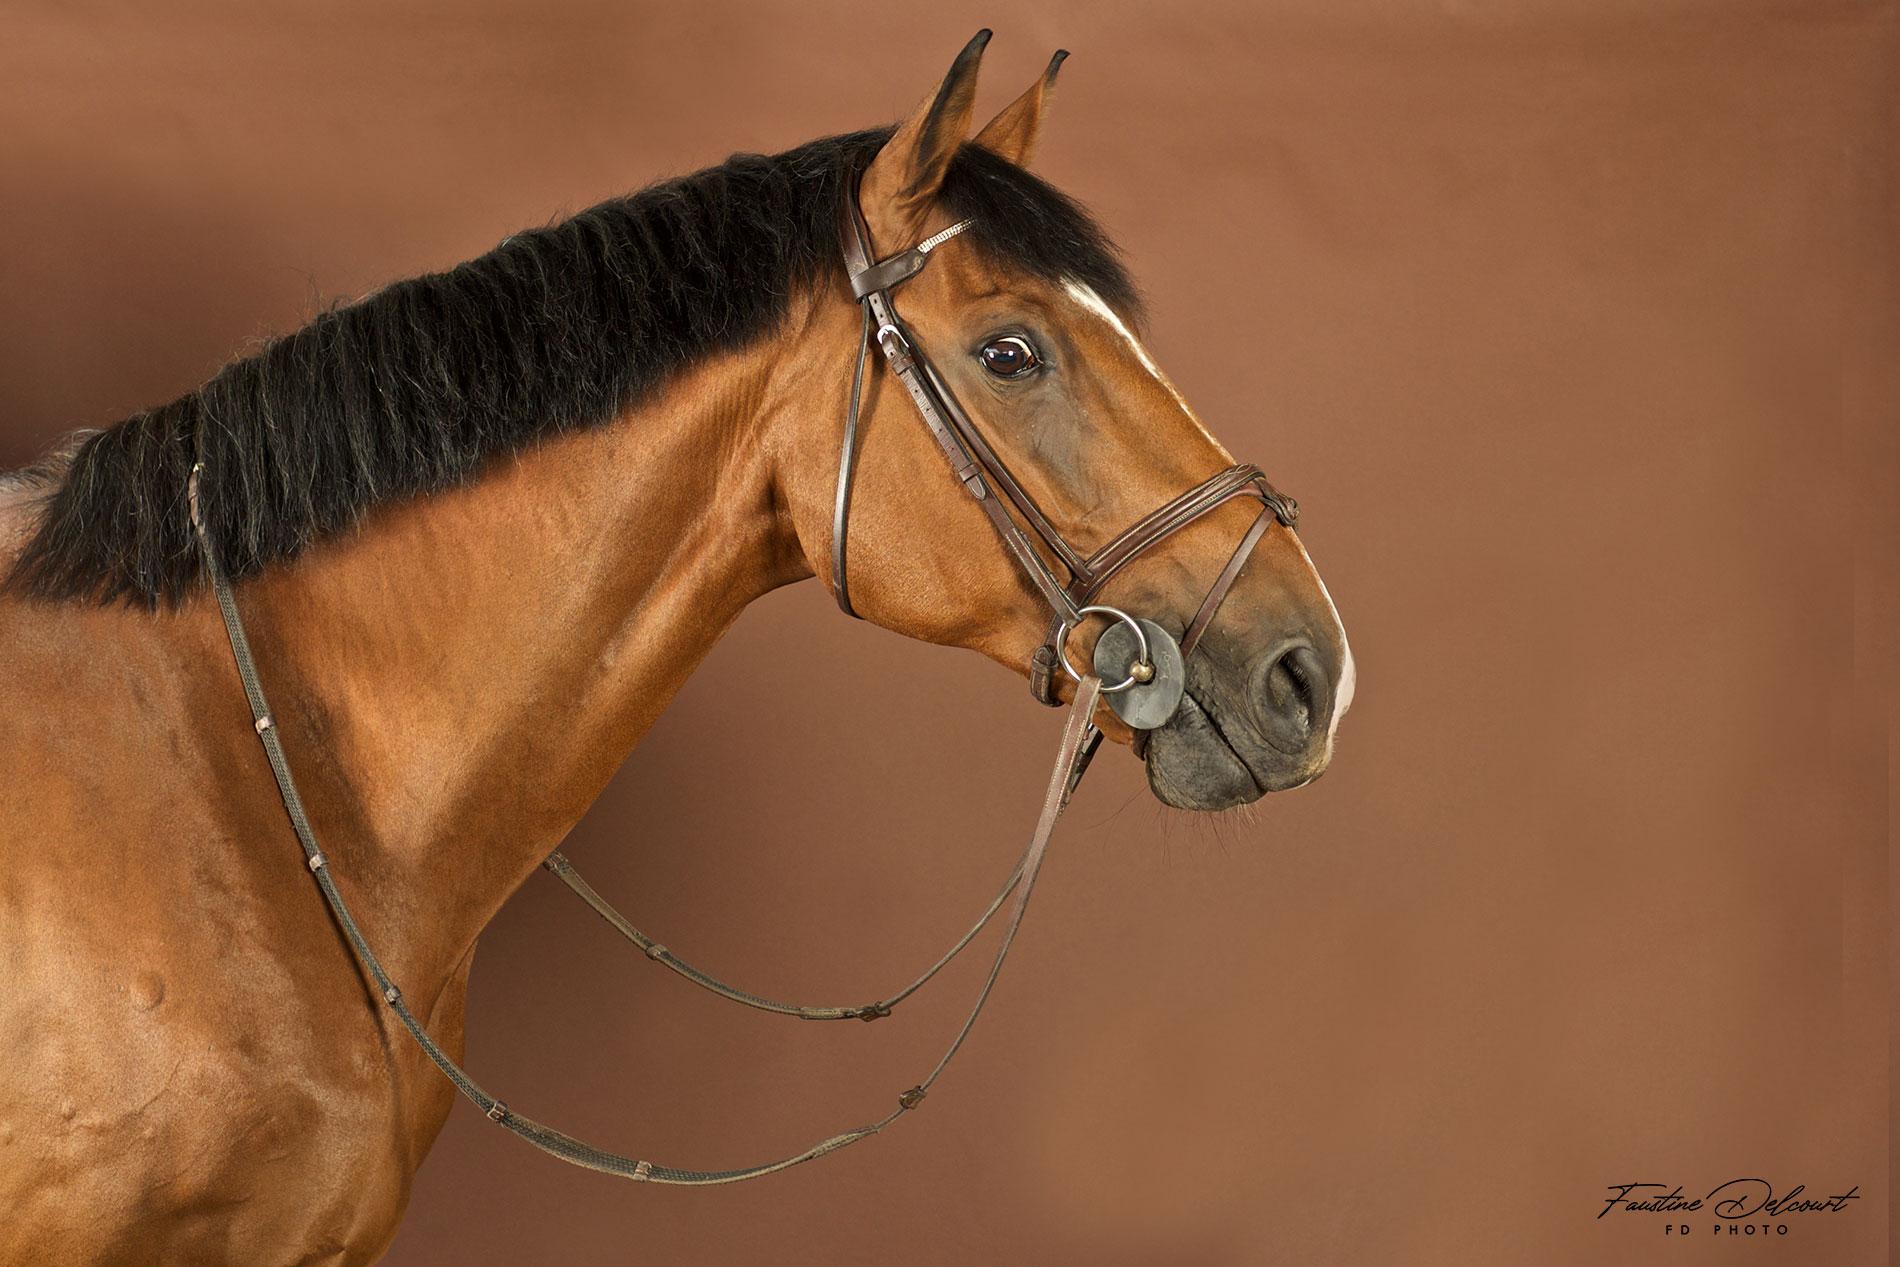 Cette photo représente un portrait de cheval sur fond marron glacé réalisé en studio photographie